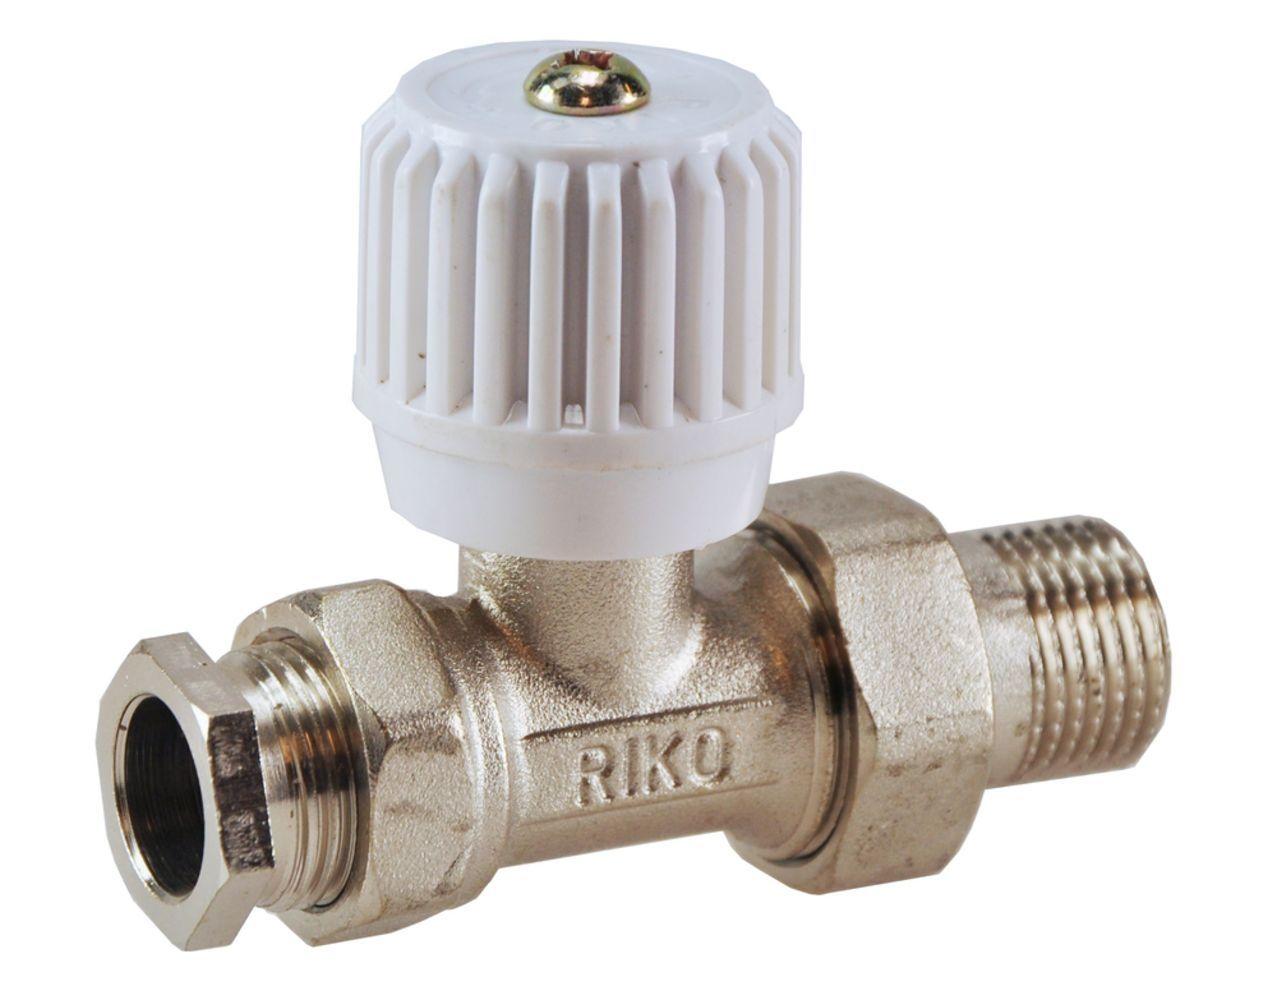 Wiesbaden Riko Radiator-ventiel+adapt.15mm 1/2recht